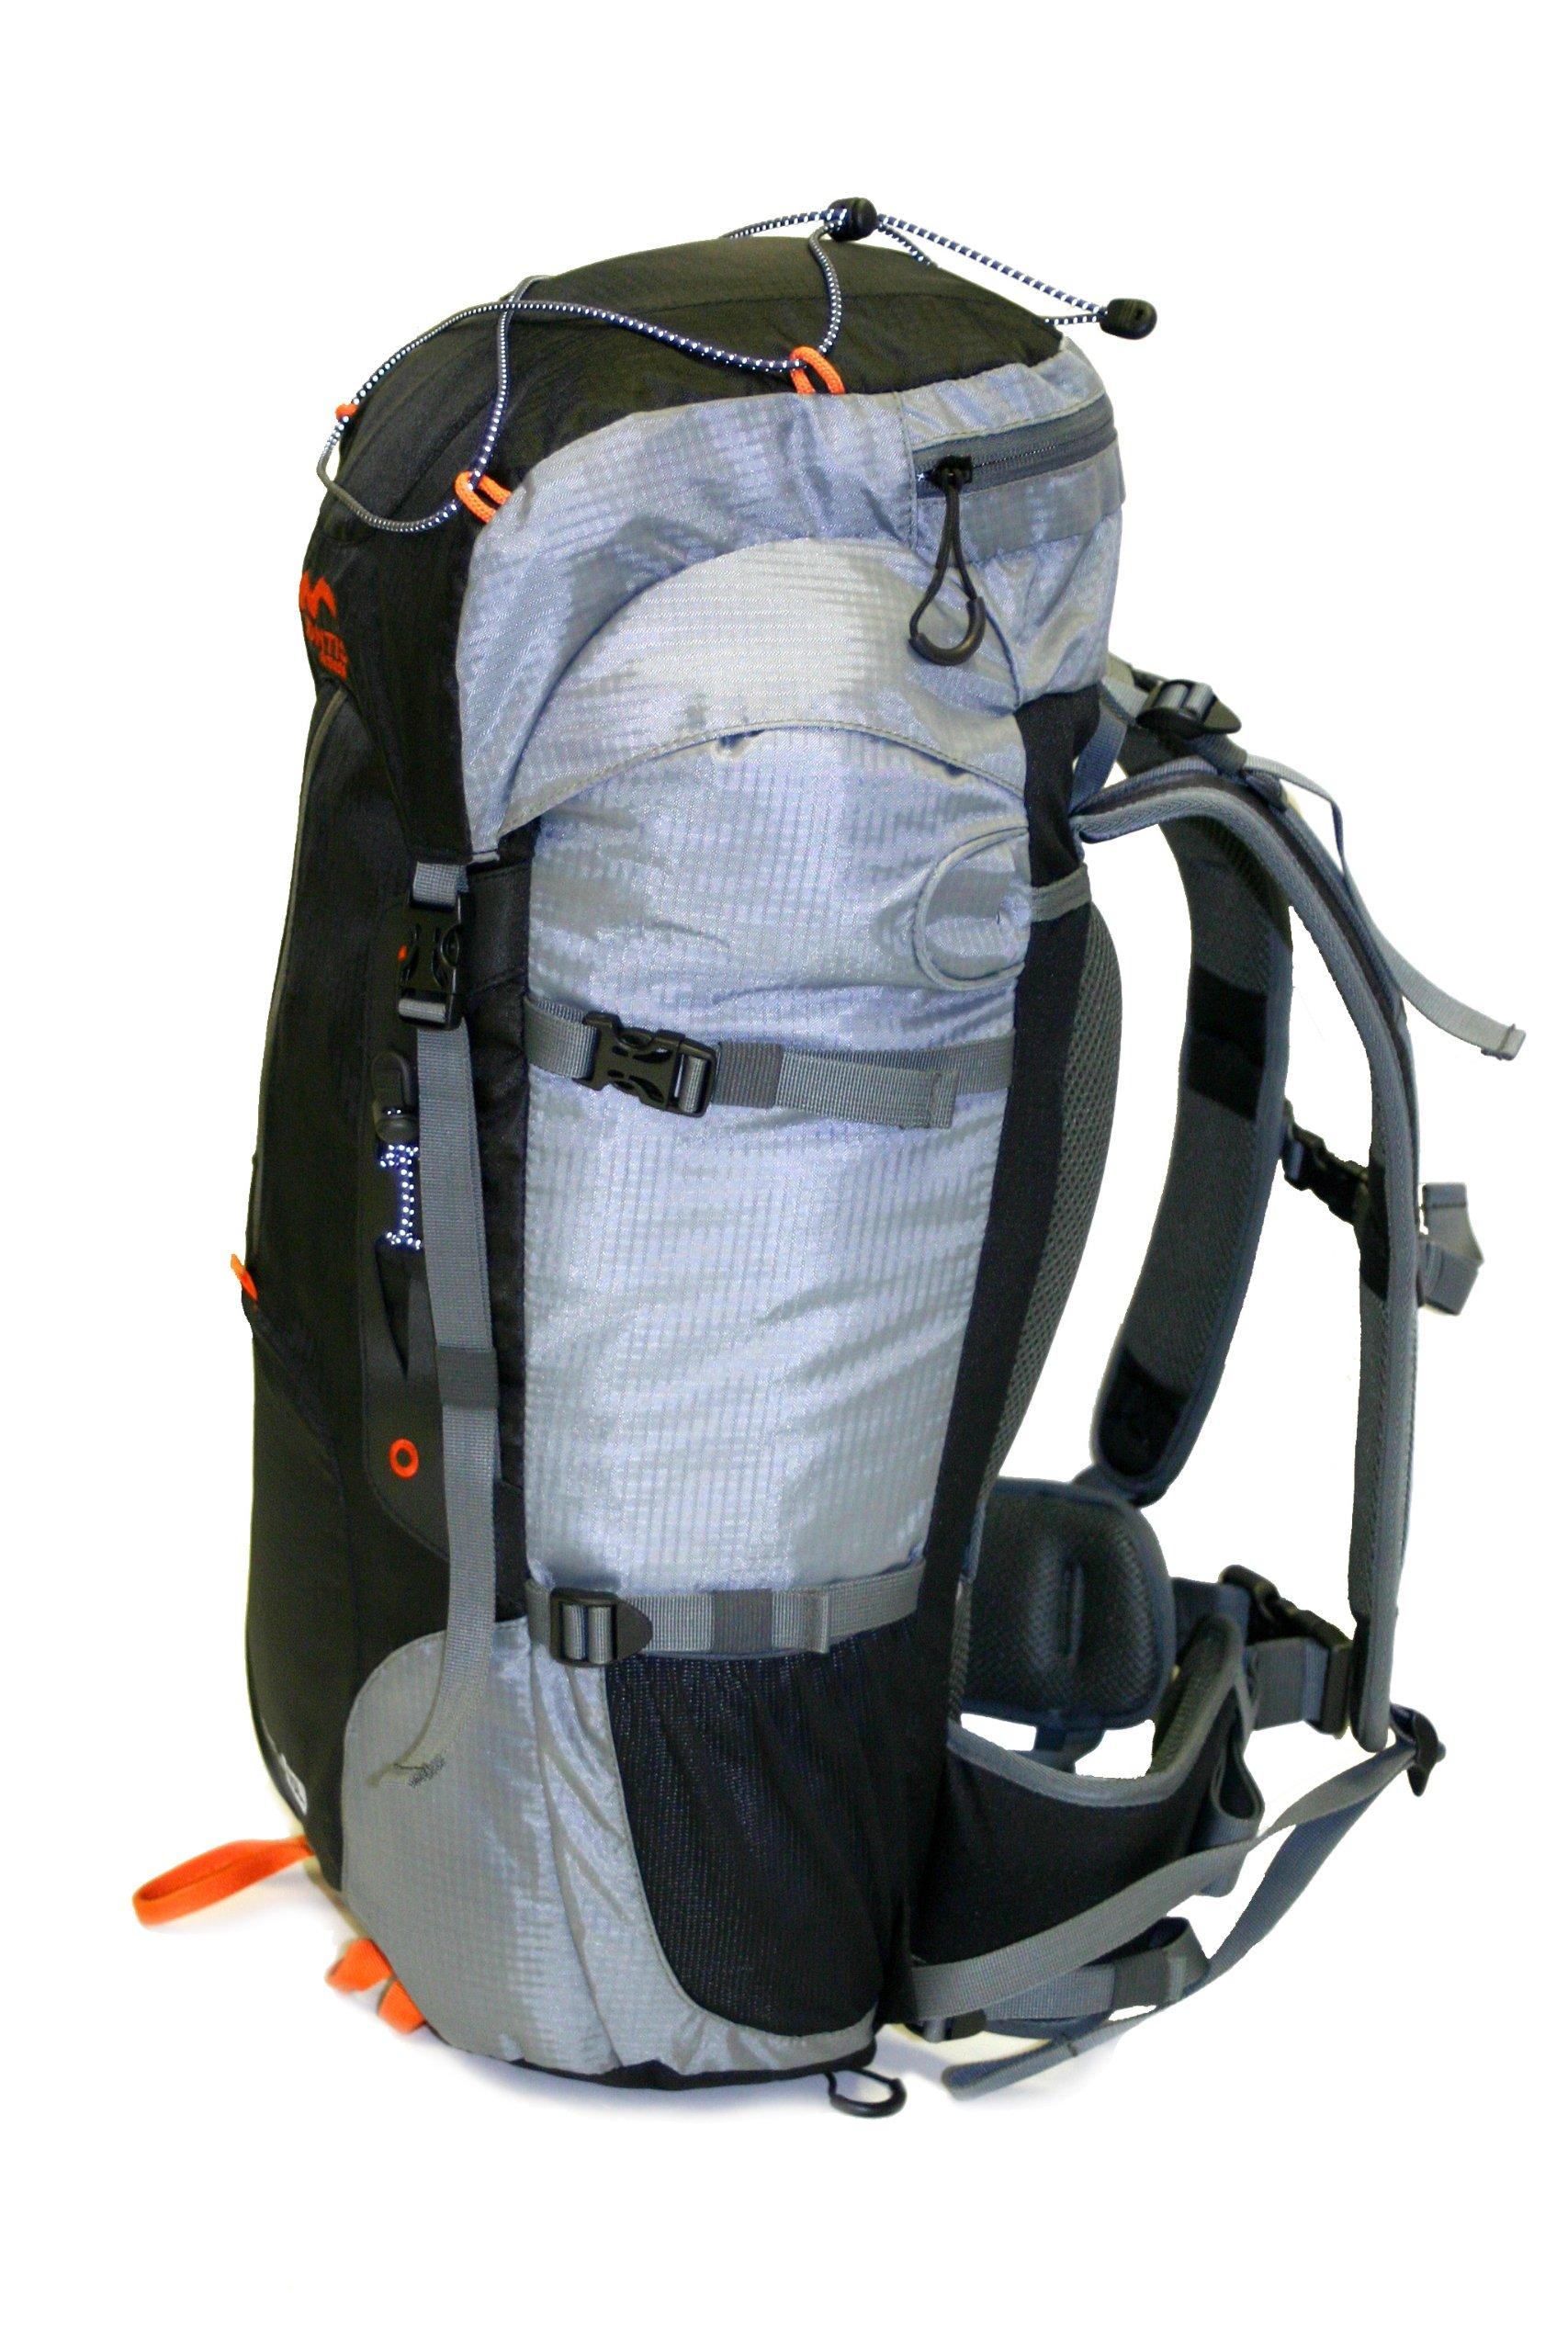 81e6OqMjLaL - MONTIS Leman 45, Mochila de Ruta, Trekking y Viajes, 45 l, 1300 g